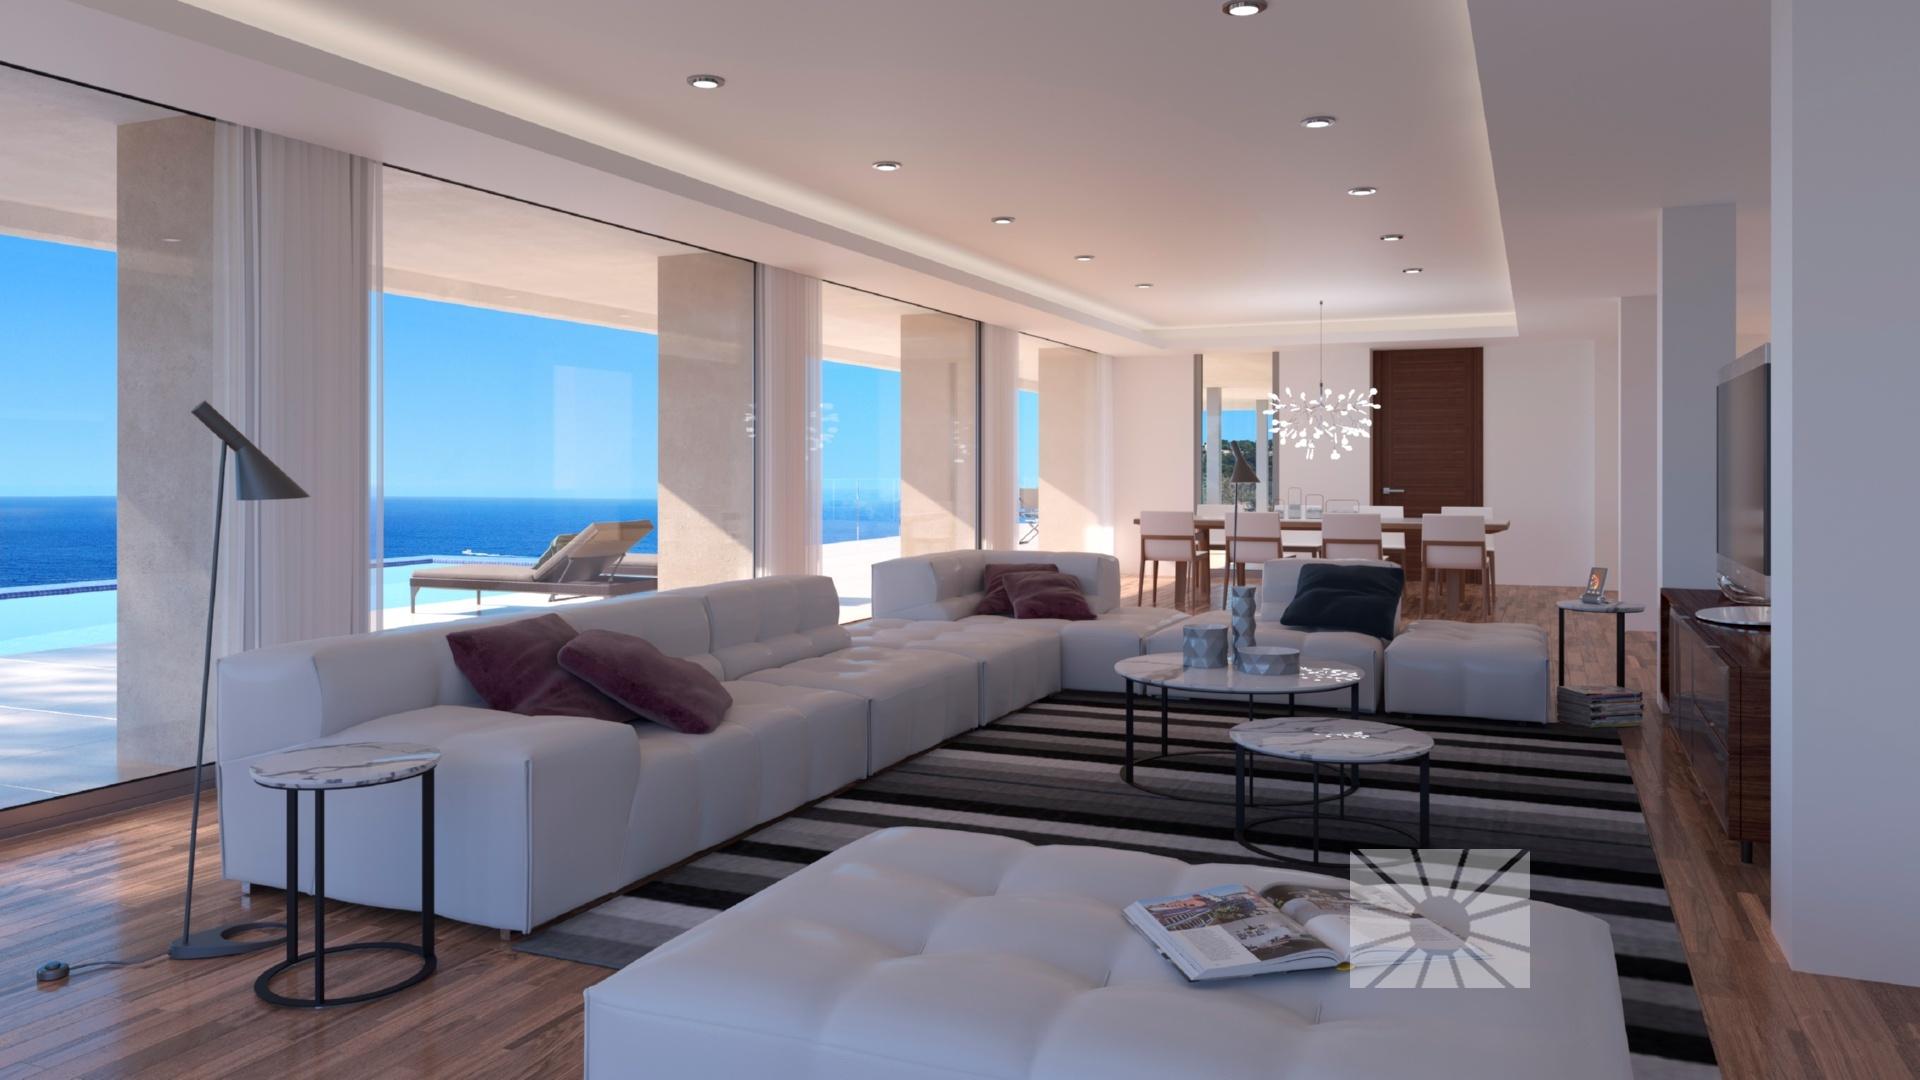 Villa la cala chalet de lujo moderno en venta en for Planos de chalets modernos